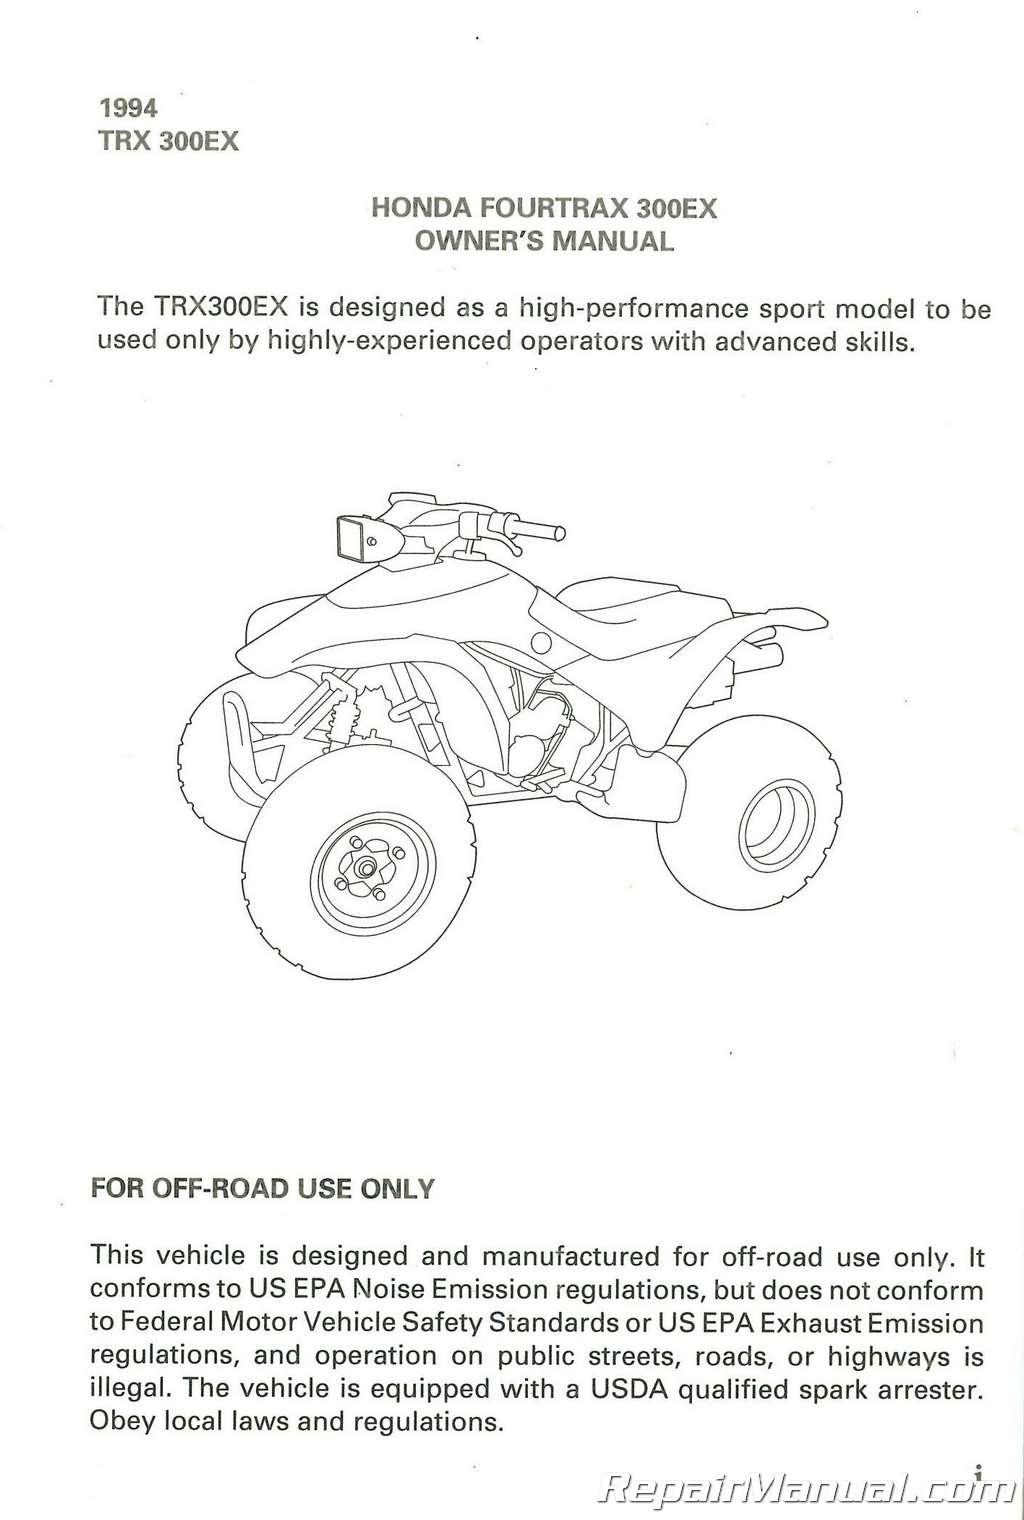 honda 300ex atv engine diagram wiring library 1988 Honda FourTrax Engine Diagram